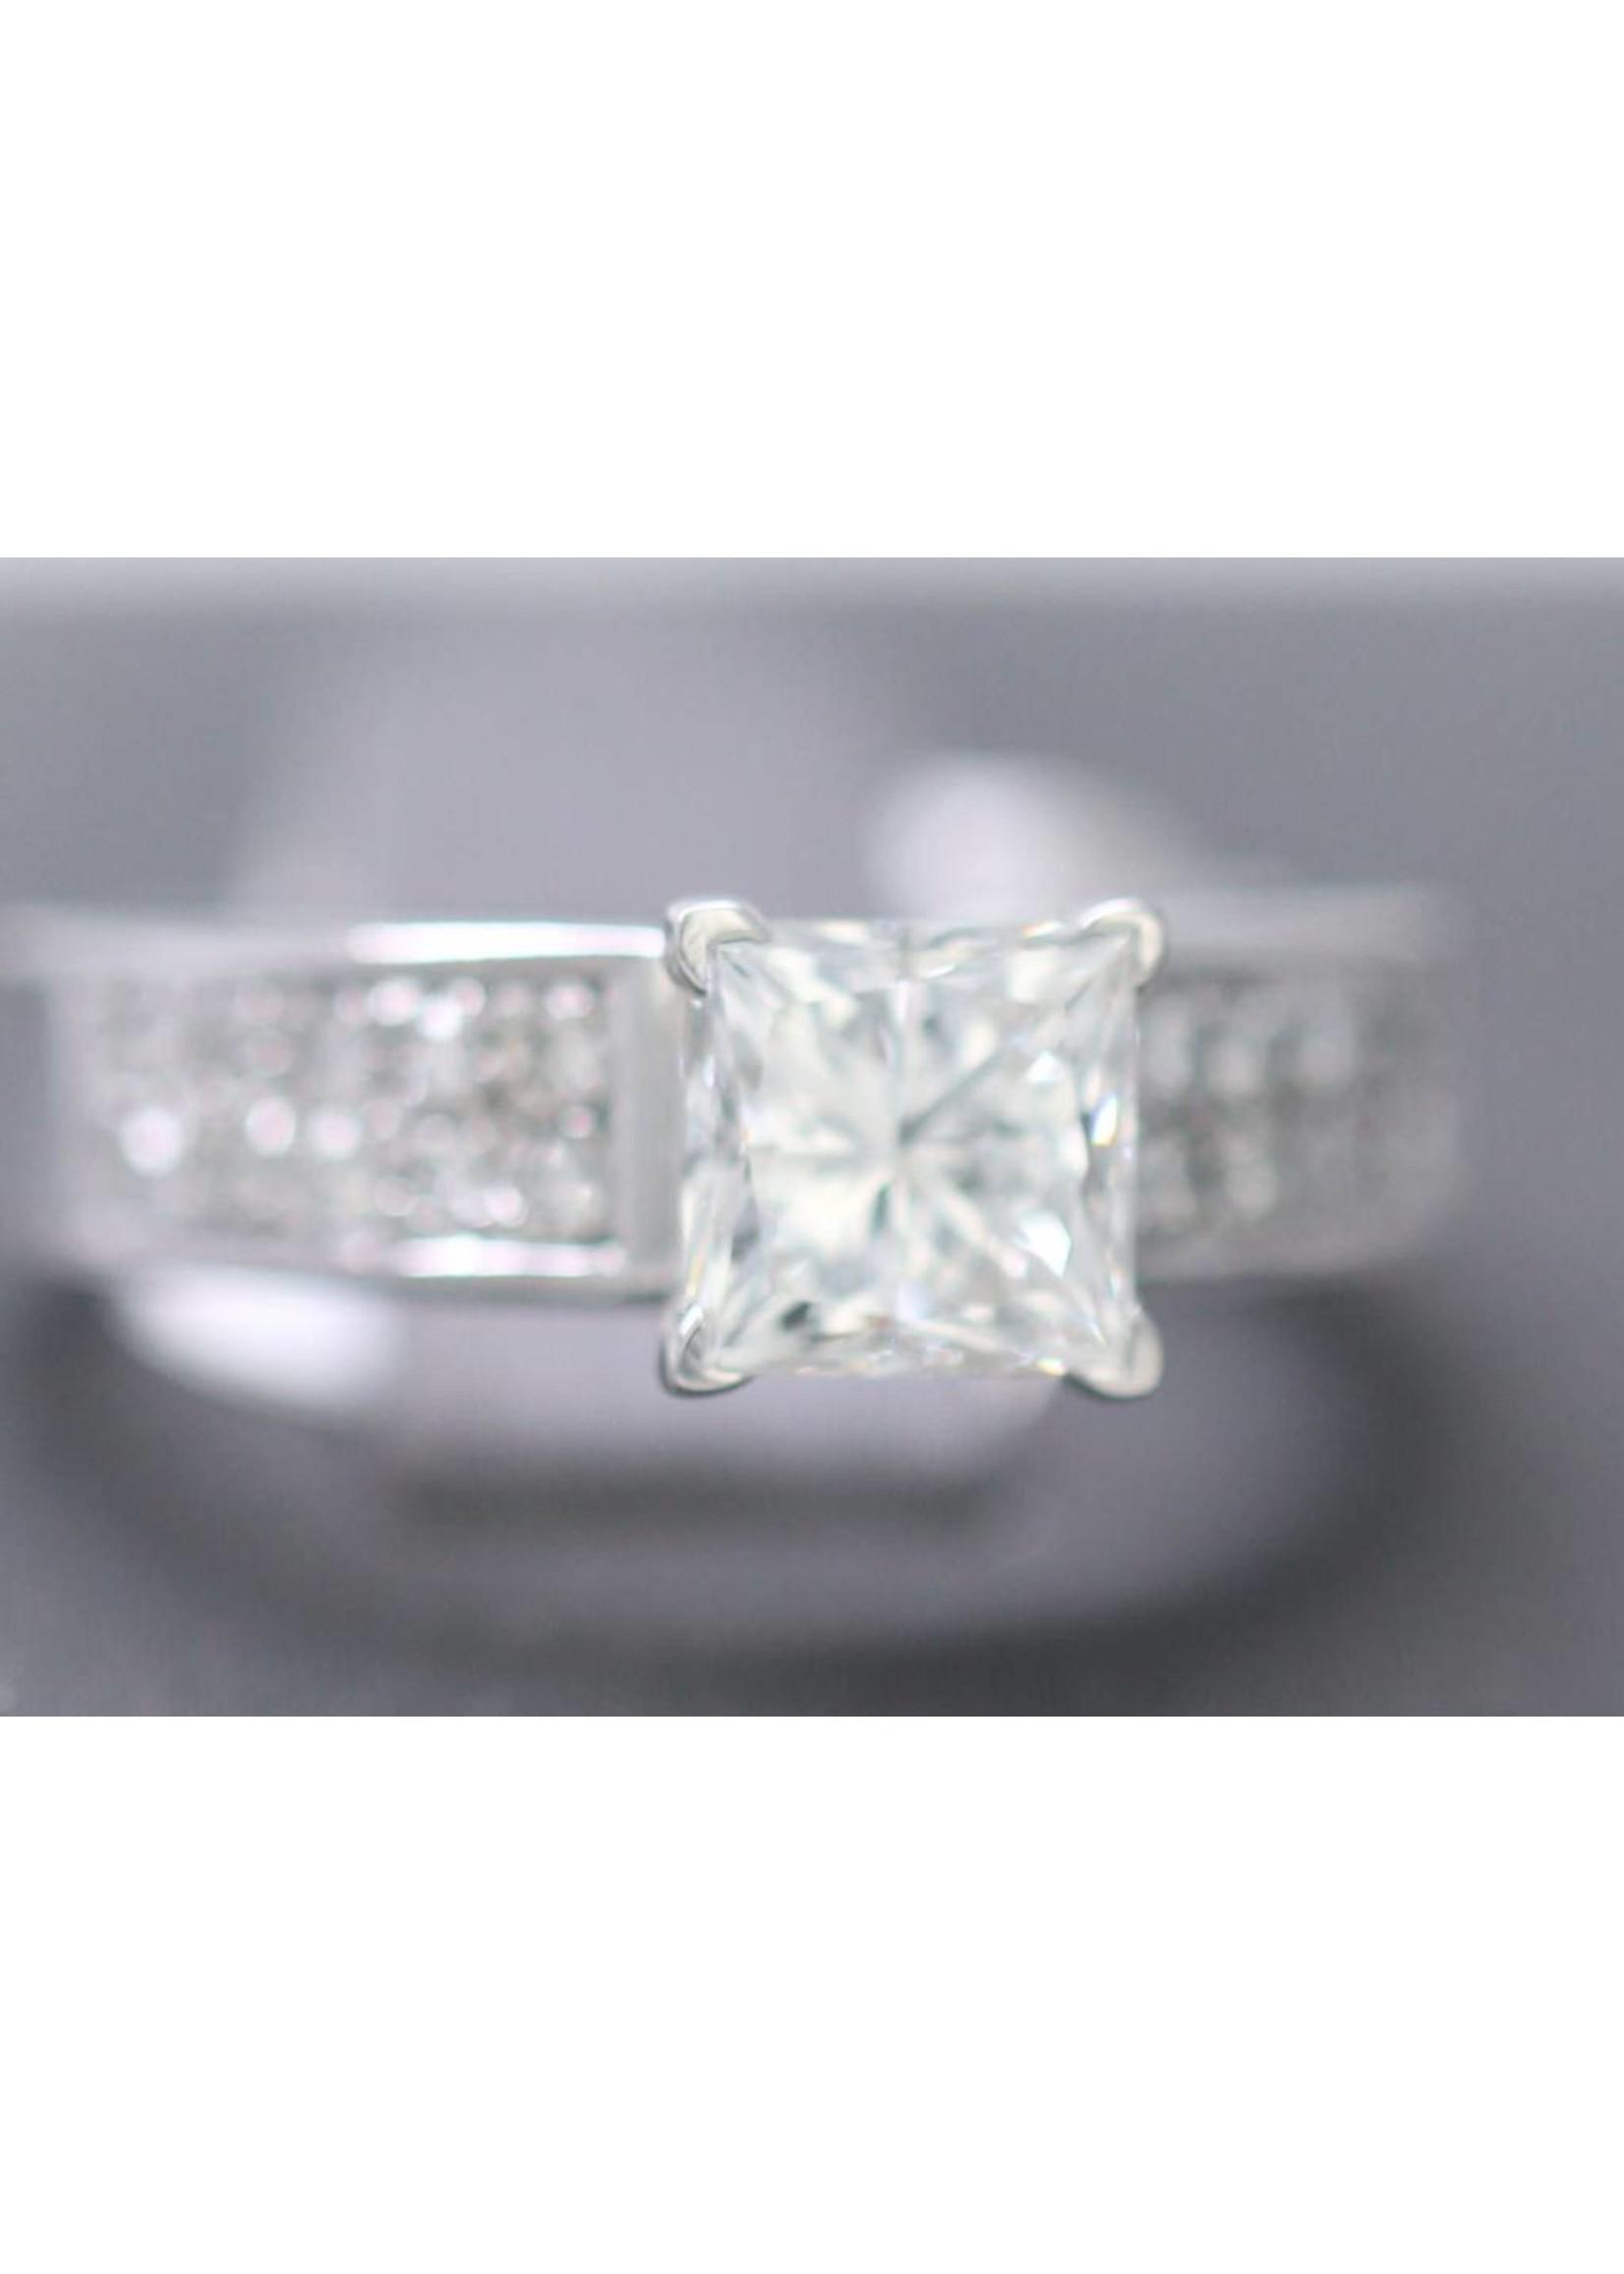 Diamond 1.60 VS2-G GEMSCAN SET IN 14K RING nEW